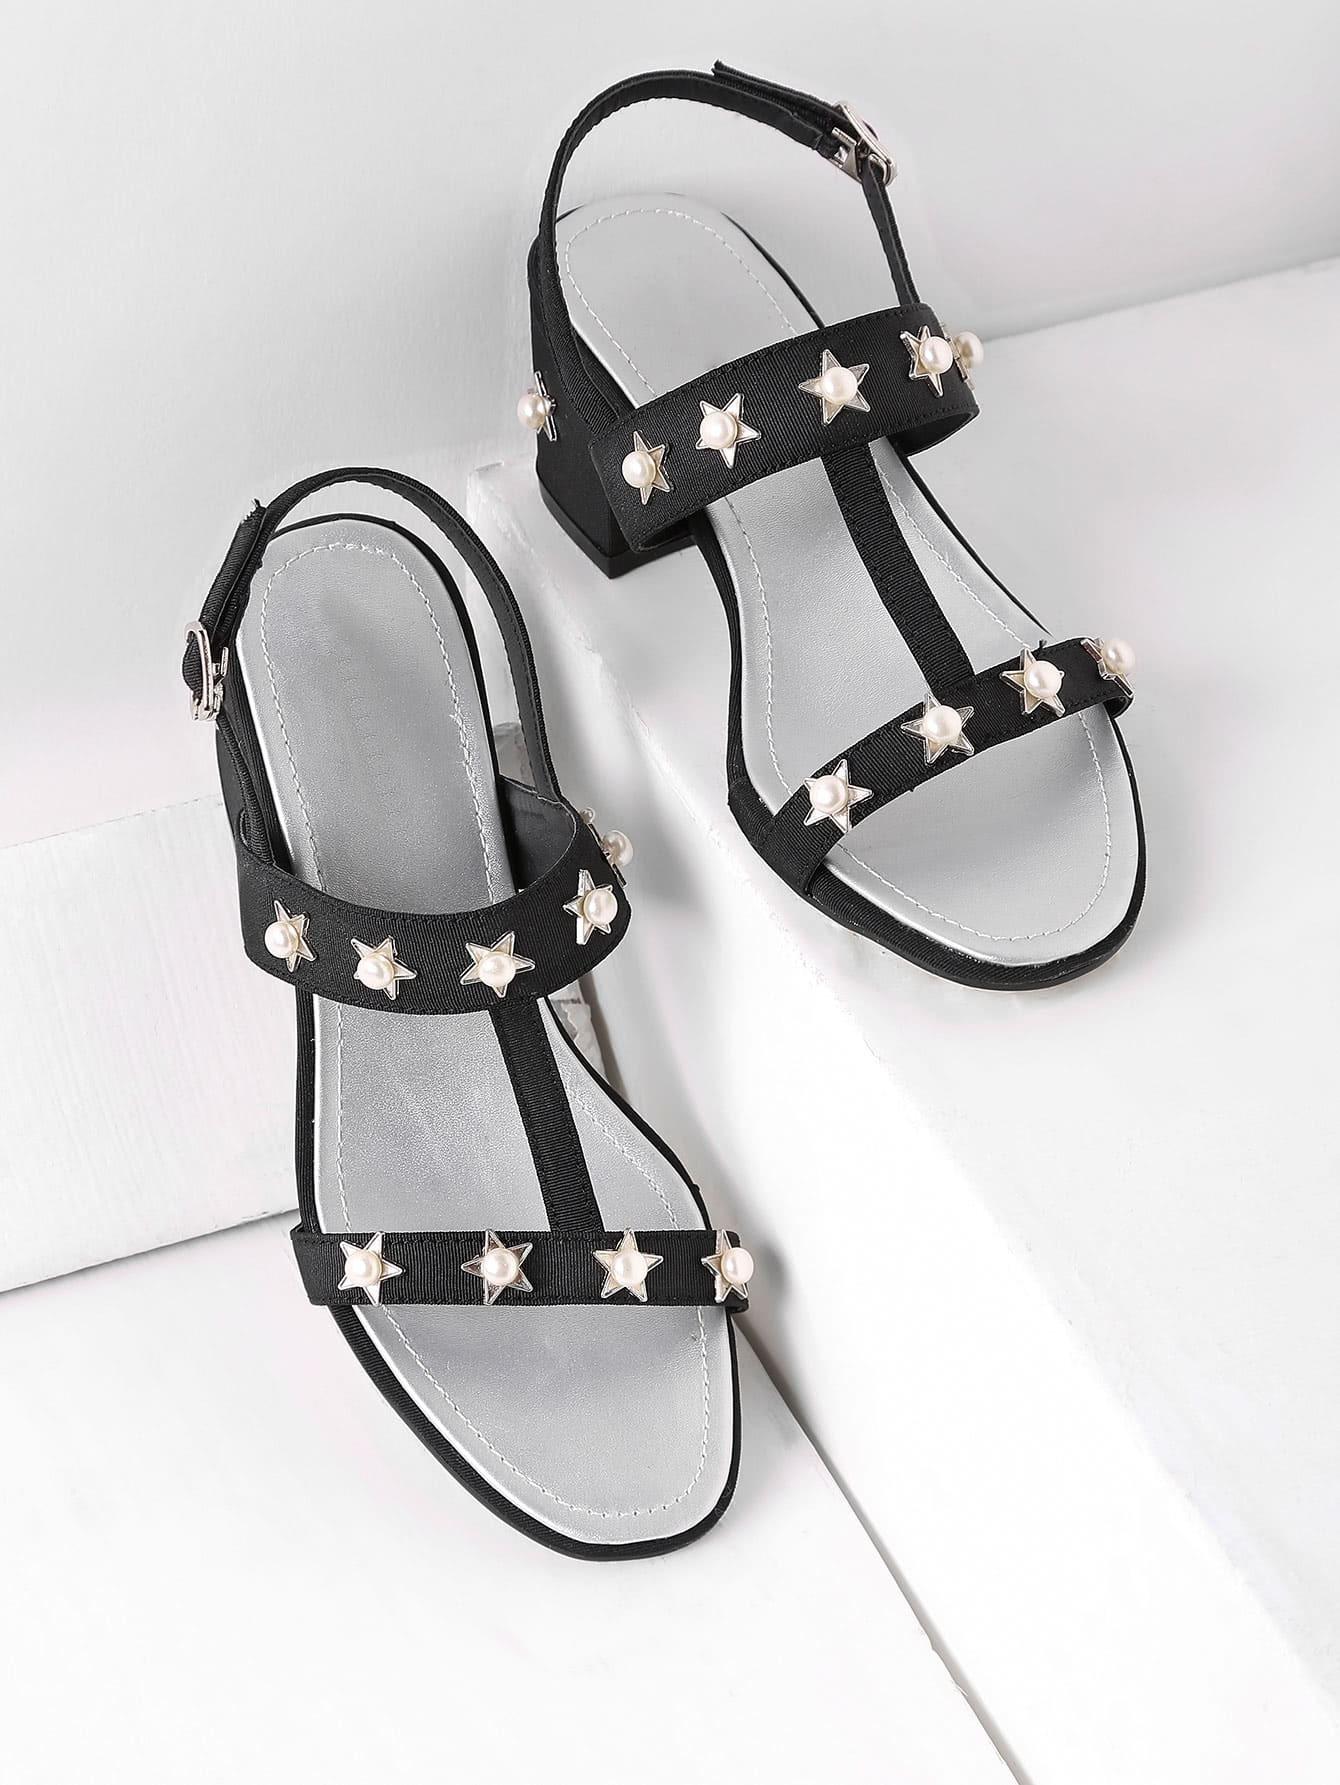 shoes170329806_2